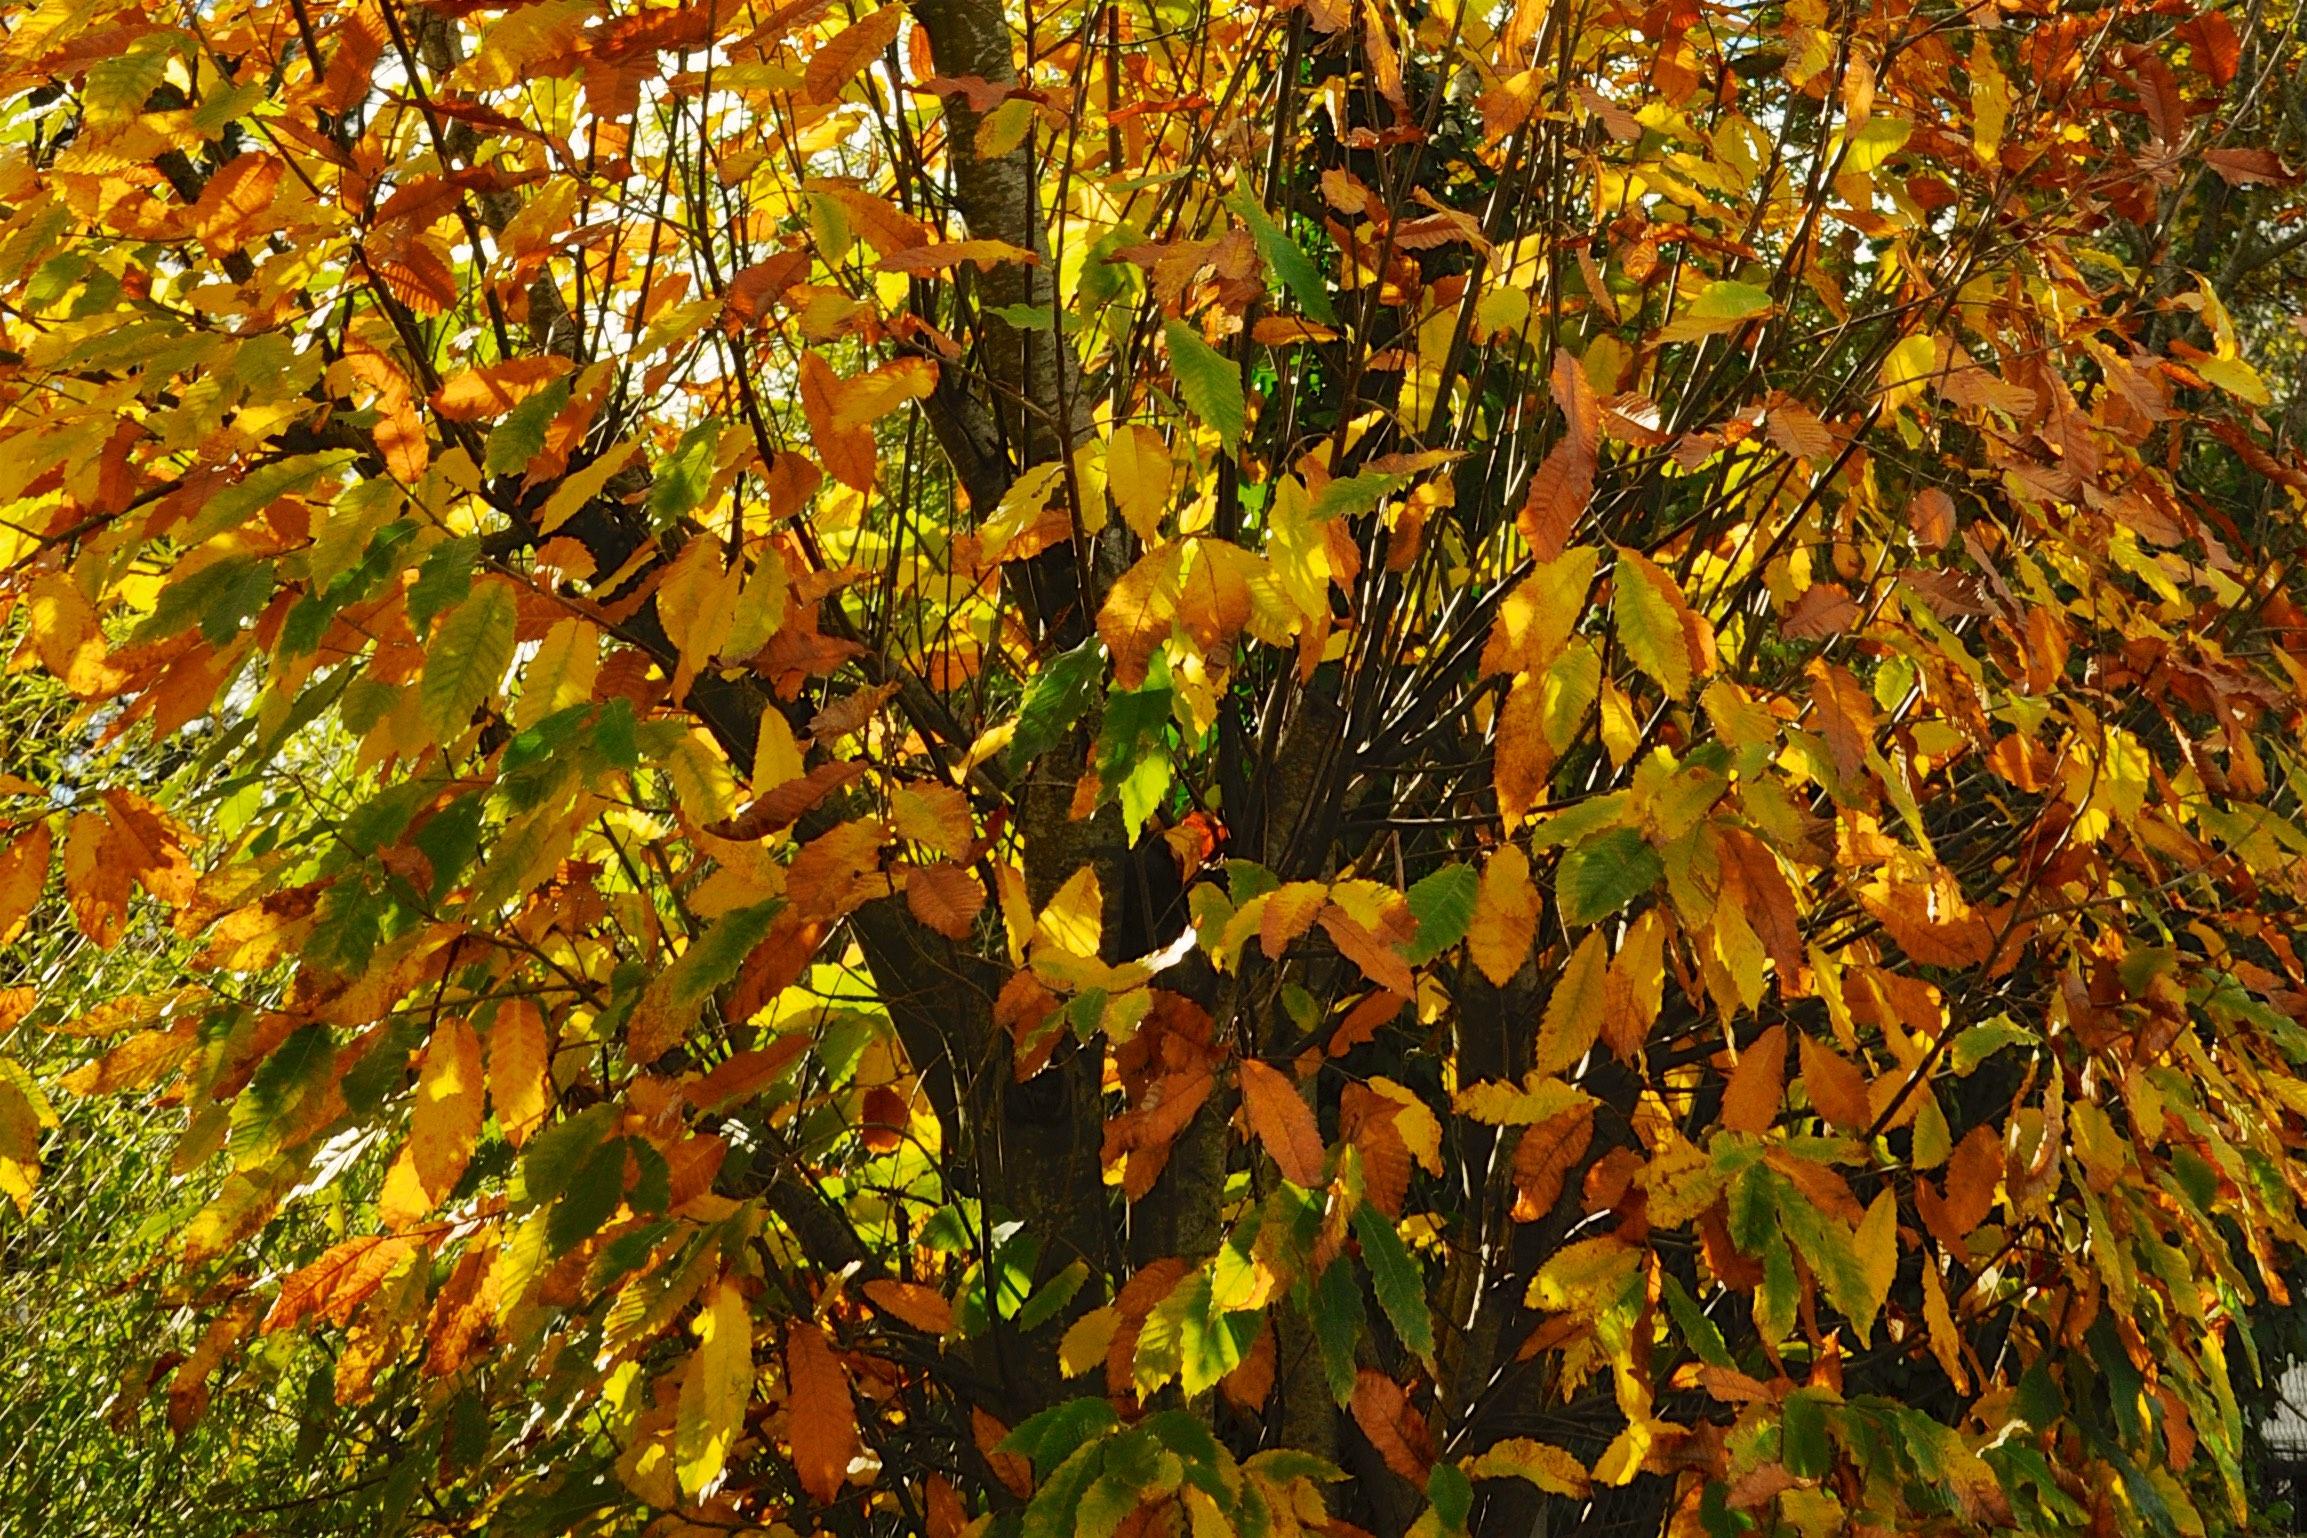 https://static.blog4ever.com/2014/05/773720/feuilles-mortes-arbre_8405999.jpg